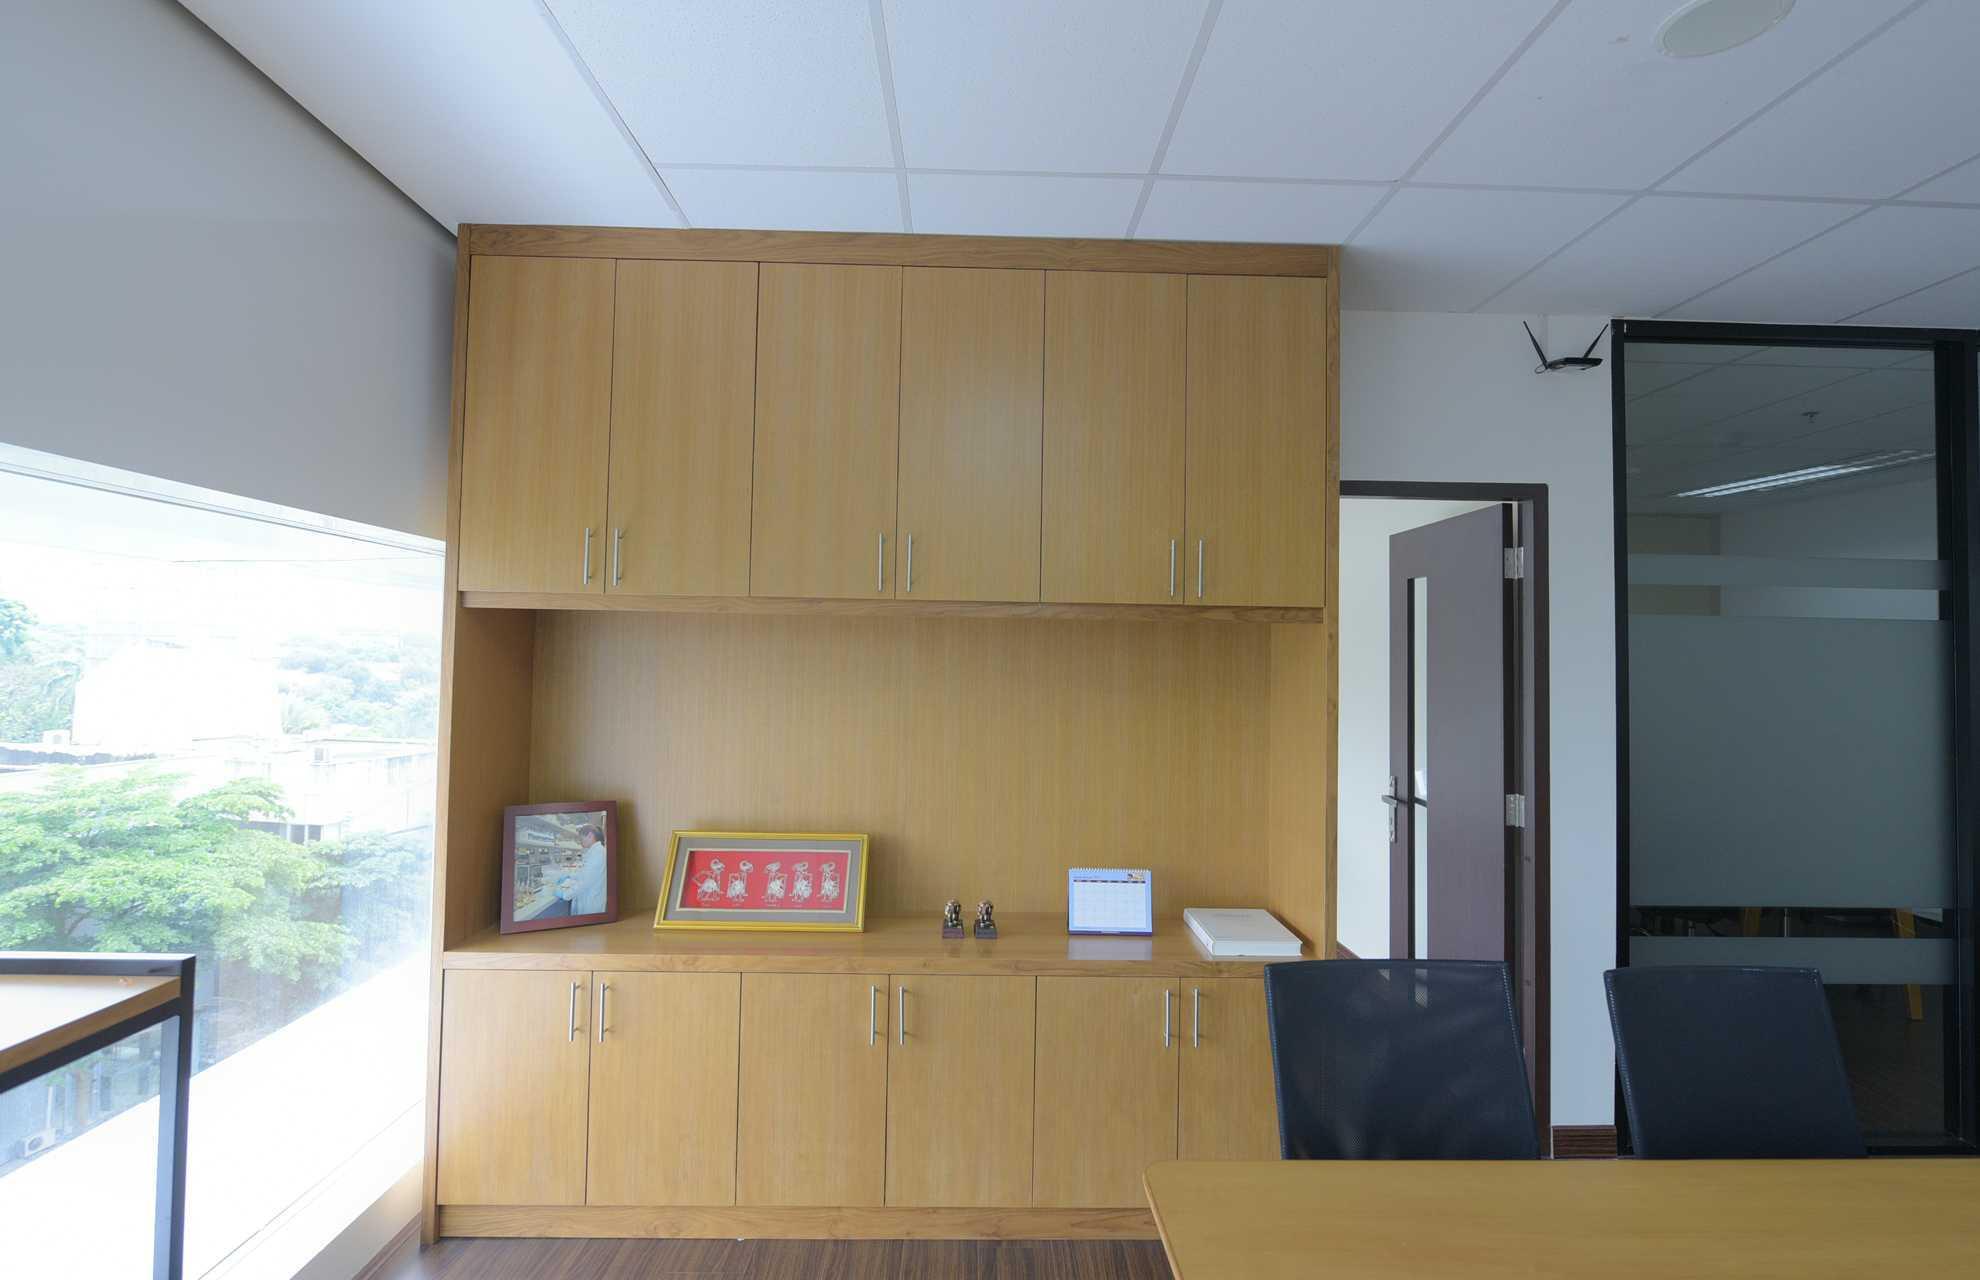 Foto inspirasi ide desain ruang kerja skandinavia Home office oleh Home by Fabelio.com di Arsitag